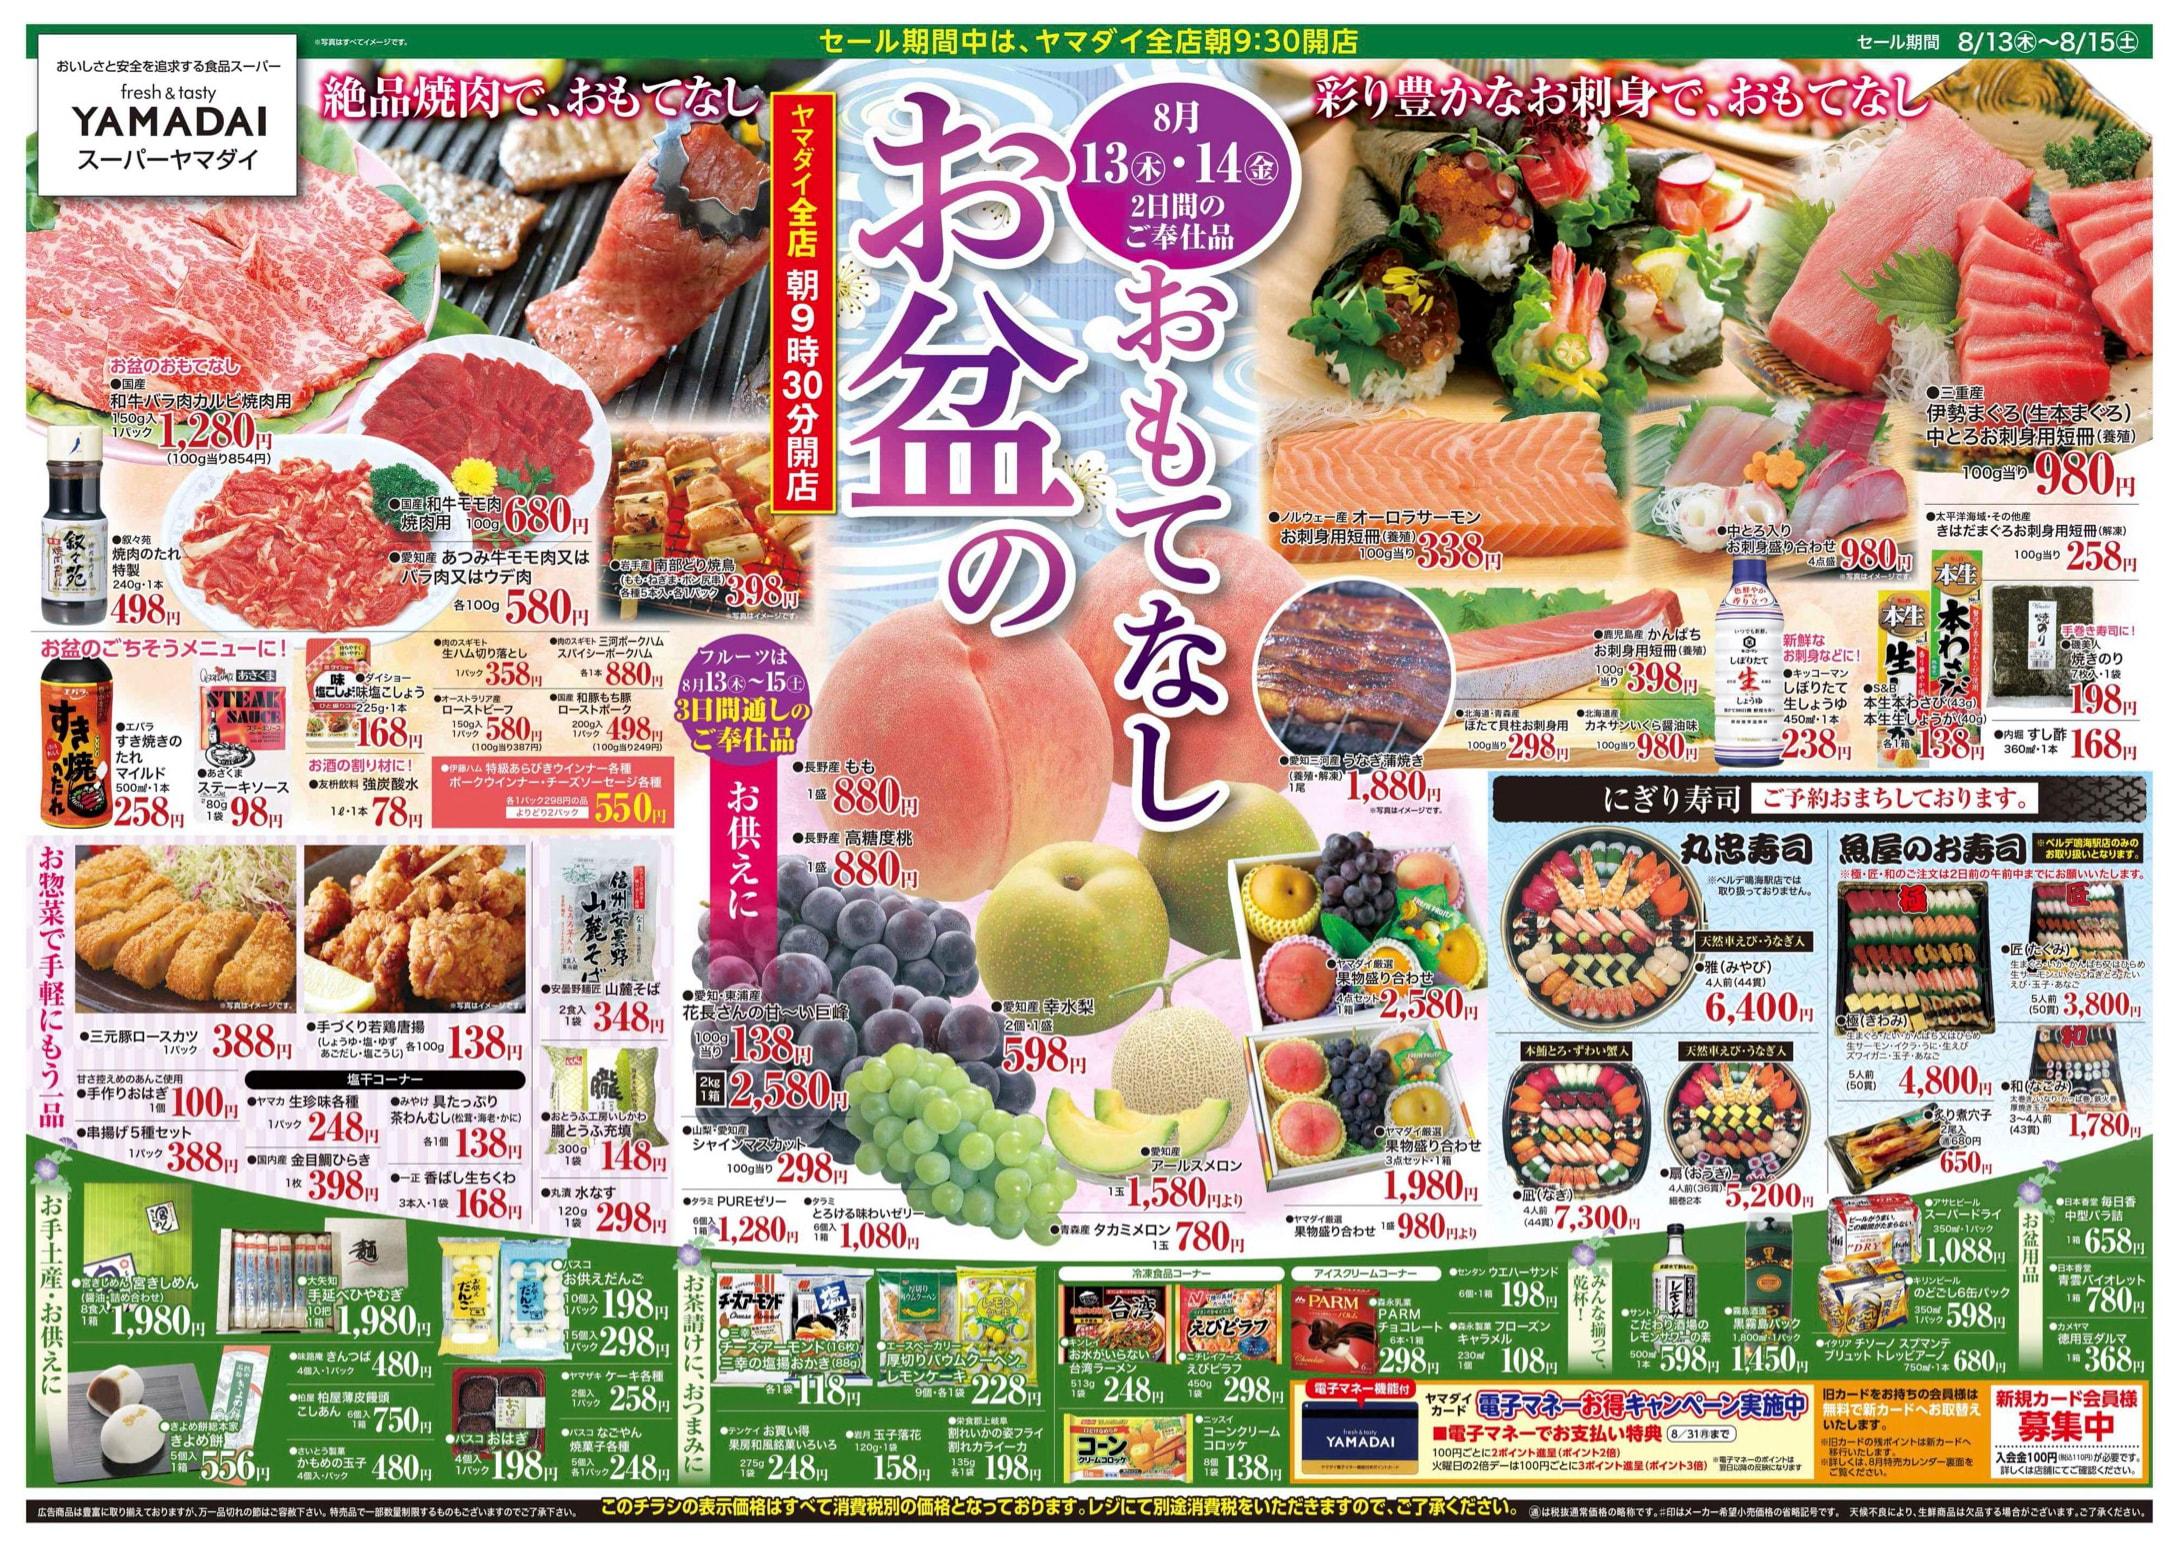 スーパーヤマダイ 瑞穂店